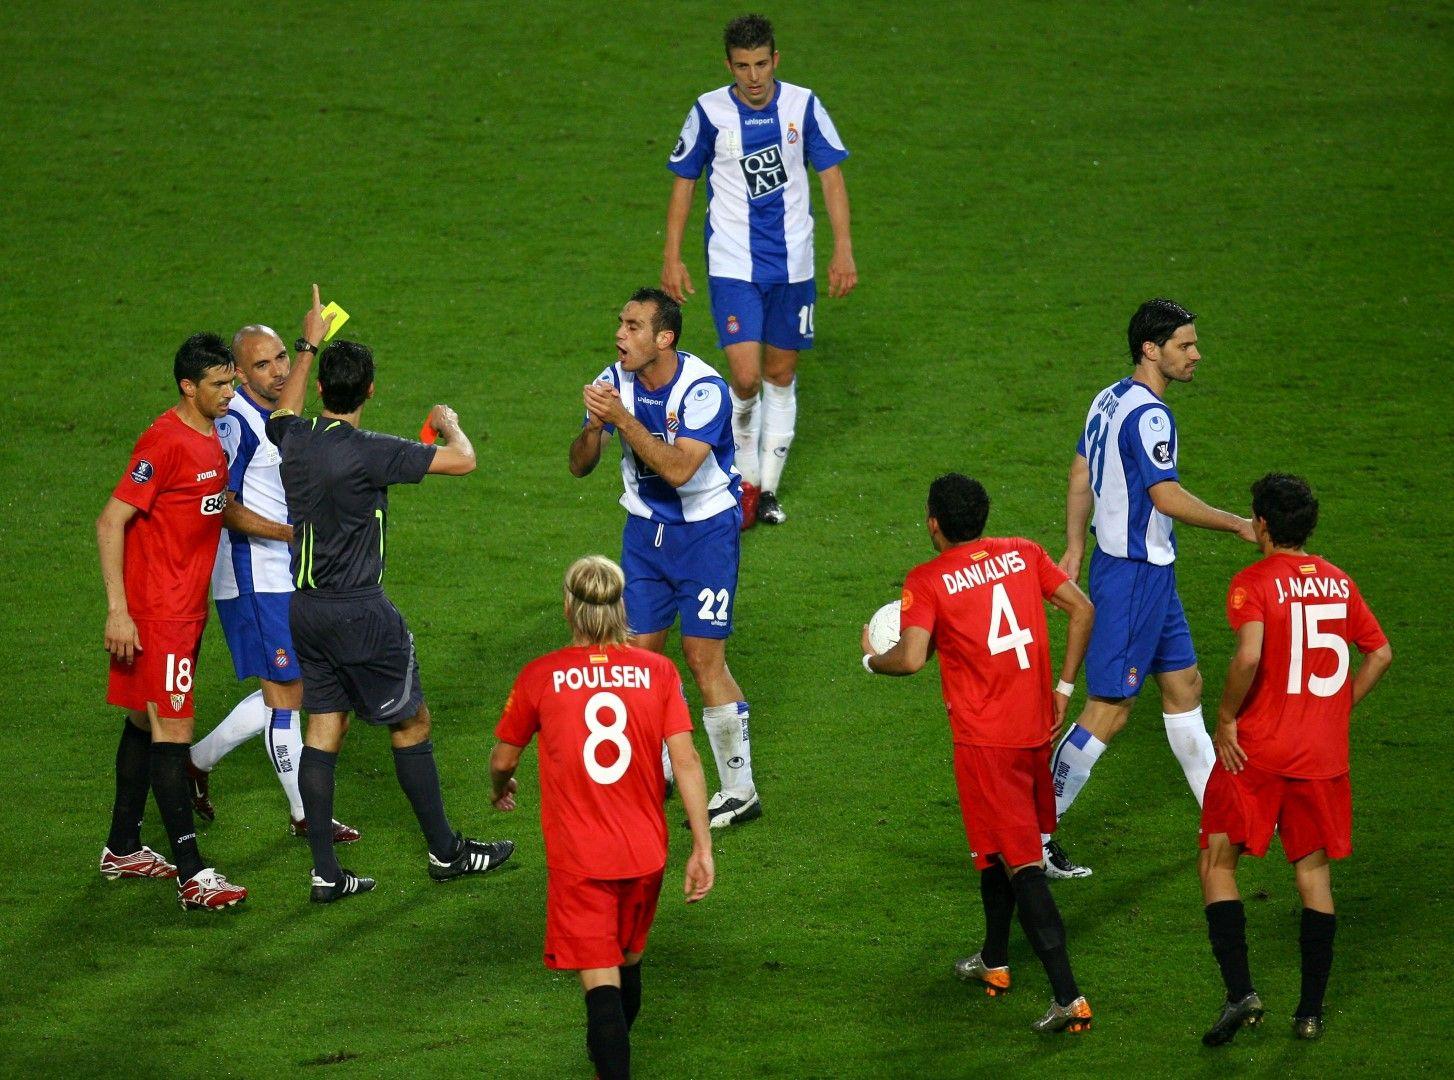 Севиля и Еспаньол изиграха страхотен финал за Купата на Уефа през 2007-а и андалусийците триумфираха след 2:2 и дузпи